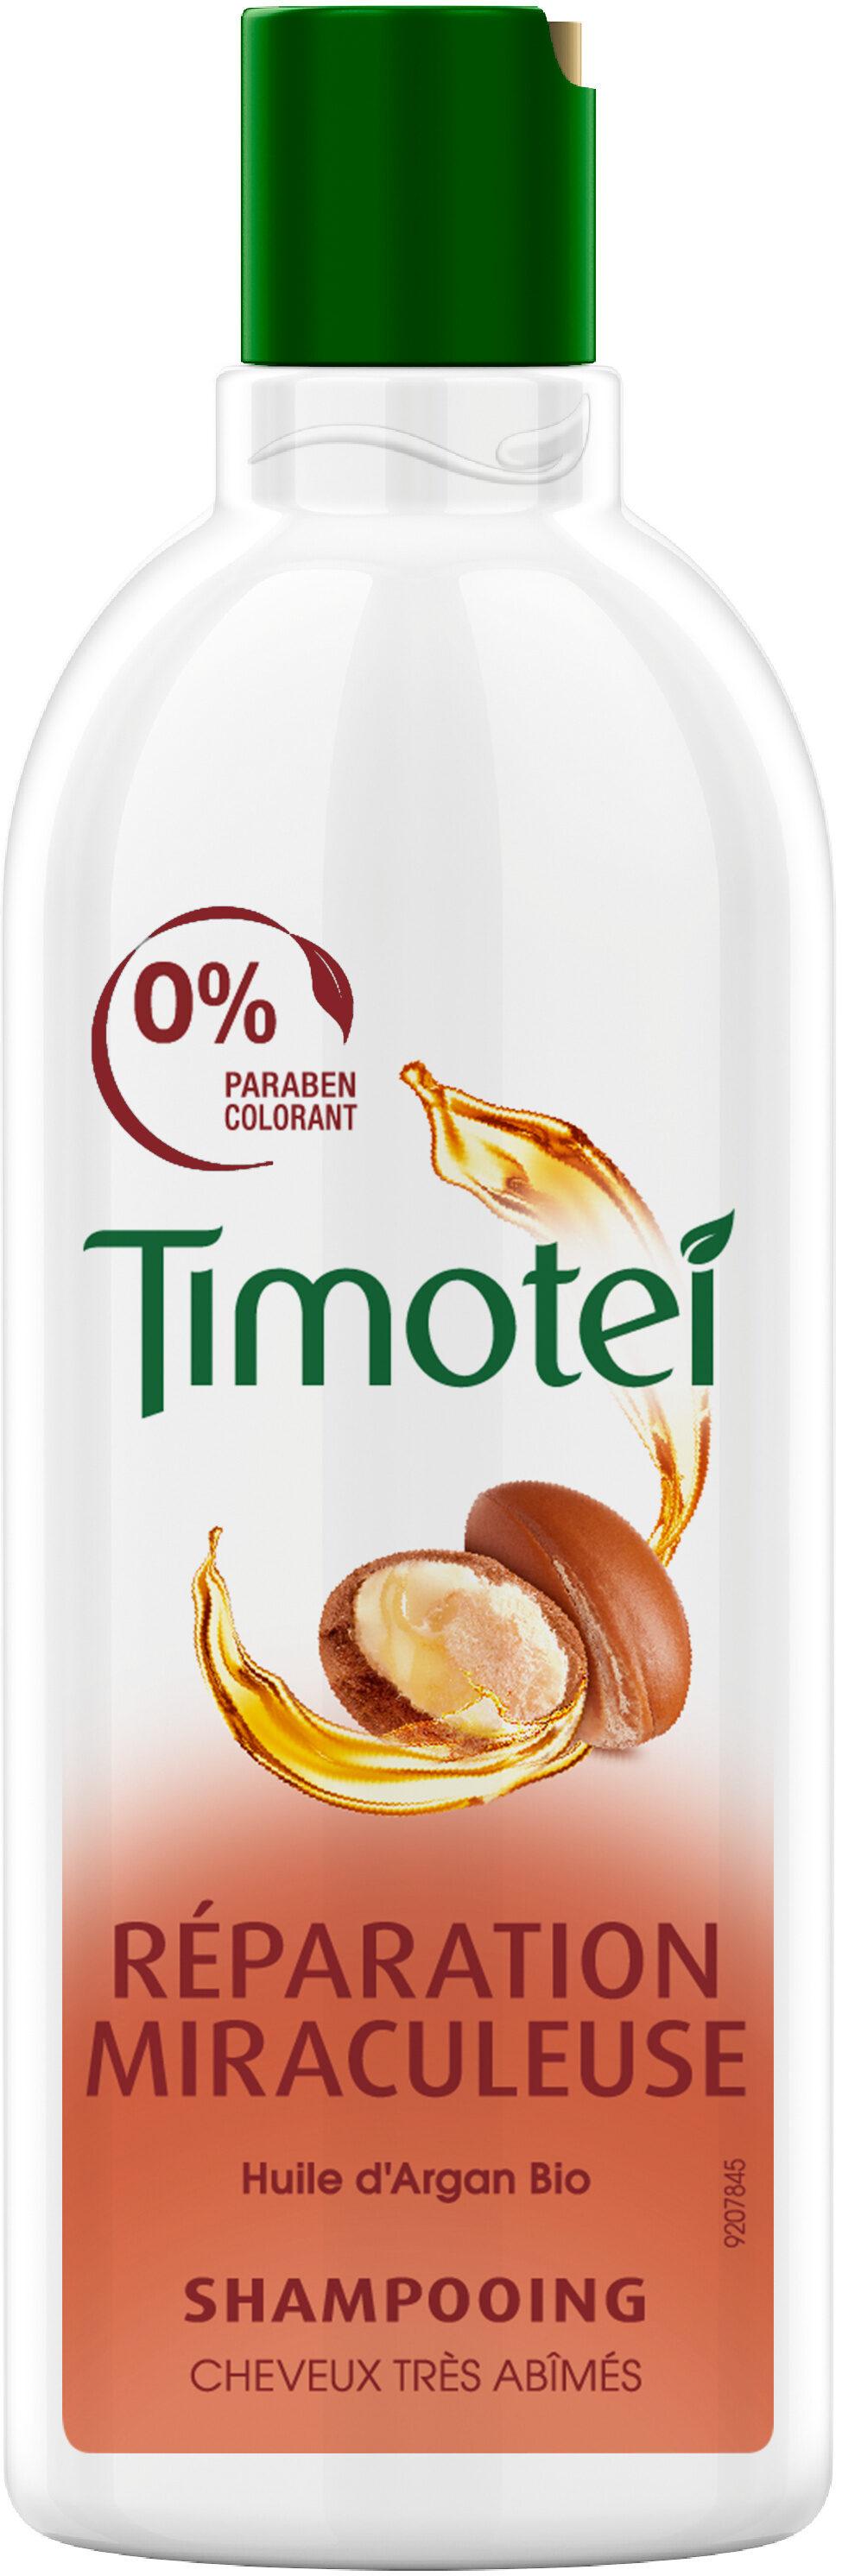 Timotei Shampoing à l'Huile d'Argan Bio Cheveux très Abimés - Product - fr